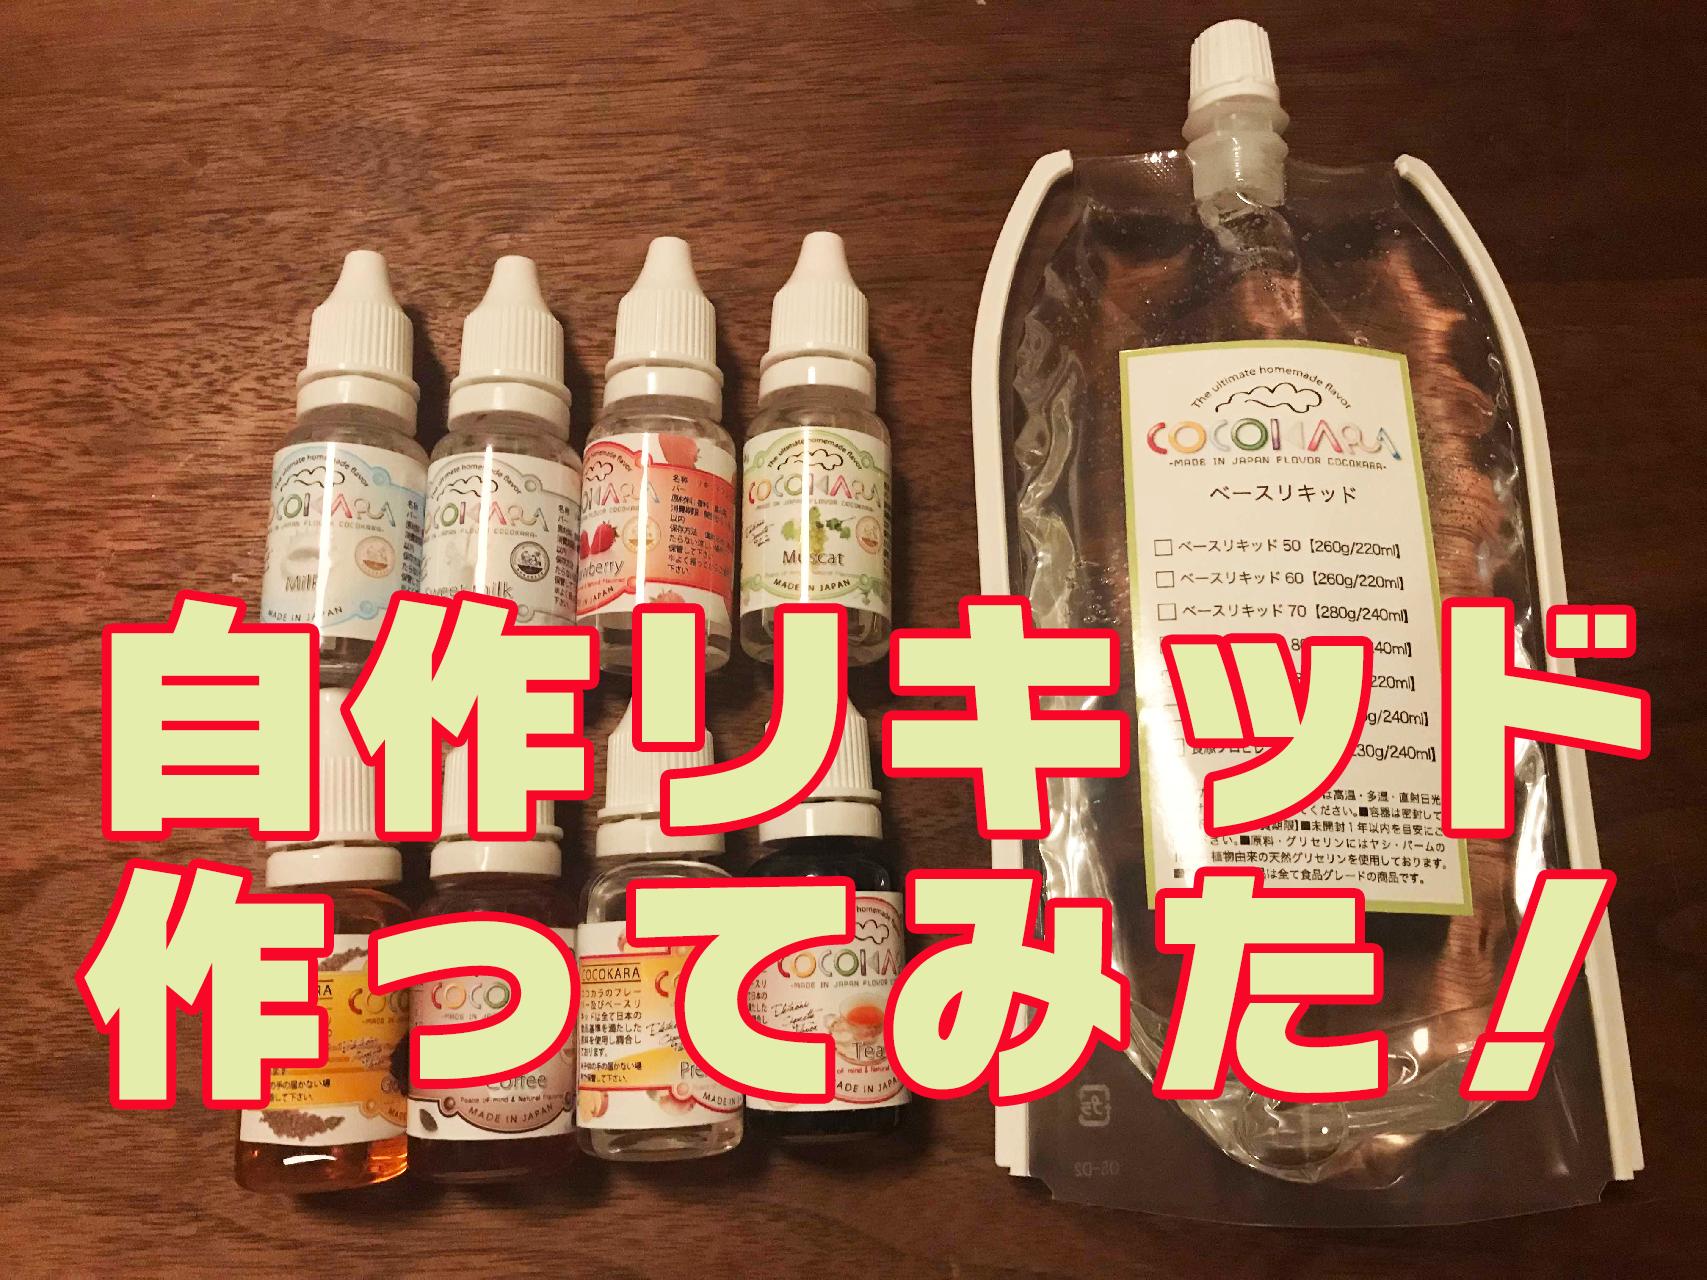 eye - 【レビュー】ココカラの高品質香料で、楽ちんにオリジナルリキッドを作る方法!いつものVAPE用リキッドも味変してウマい!